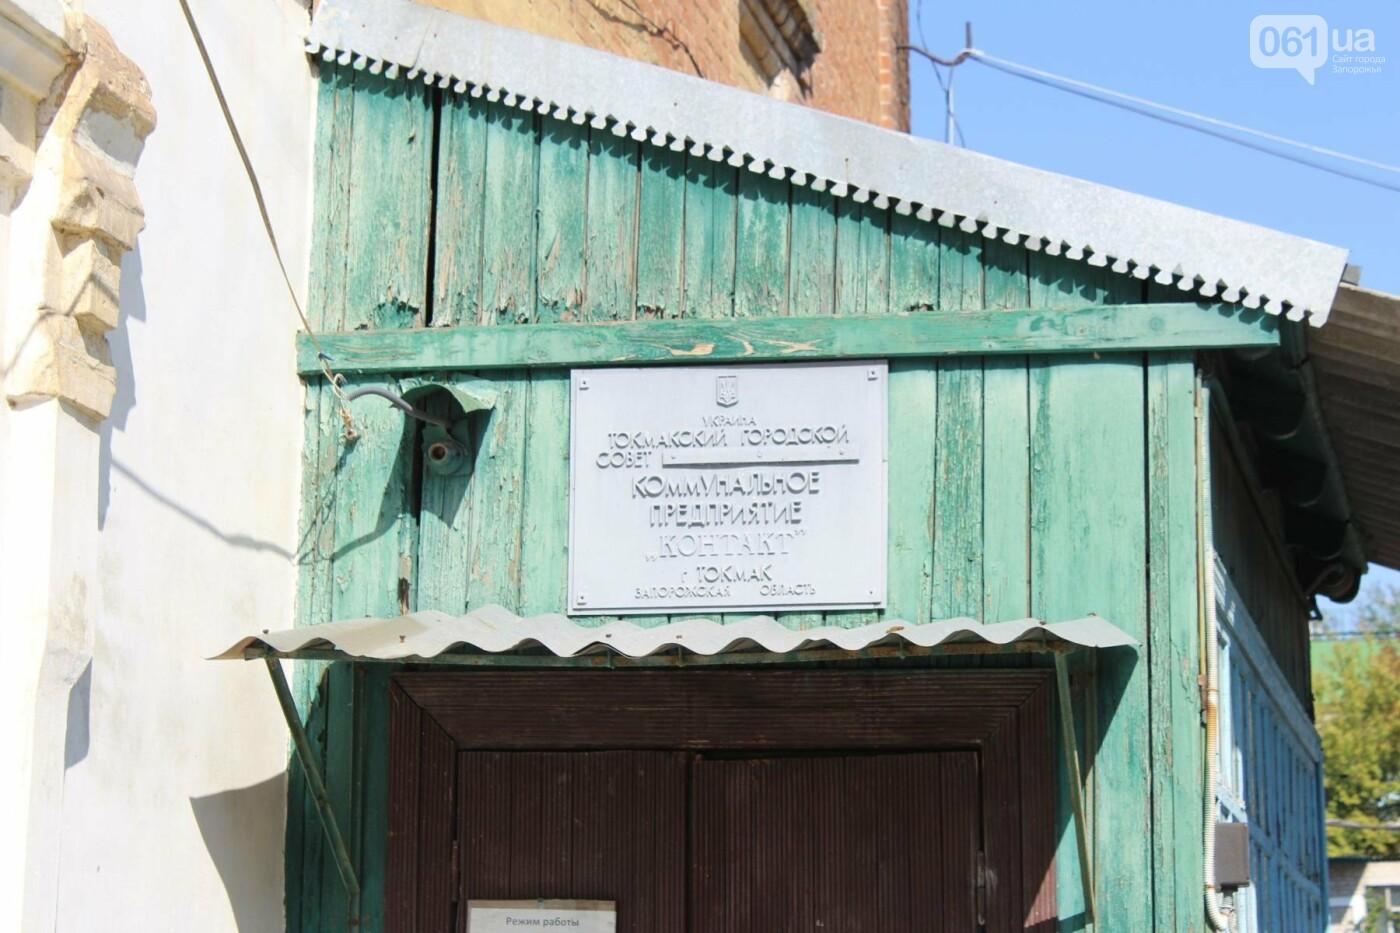 Как там в Токмаке: репортаж из официально депрессивного города, фото-37